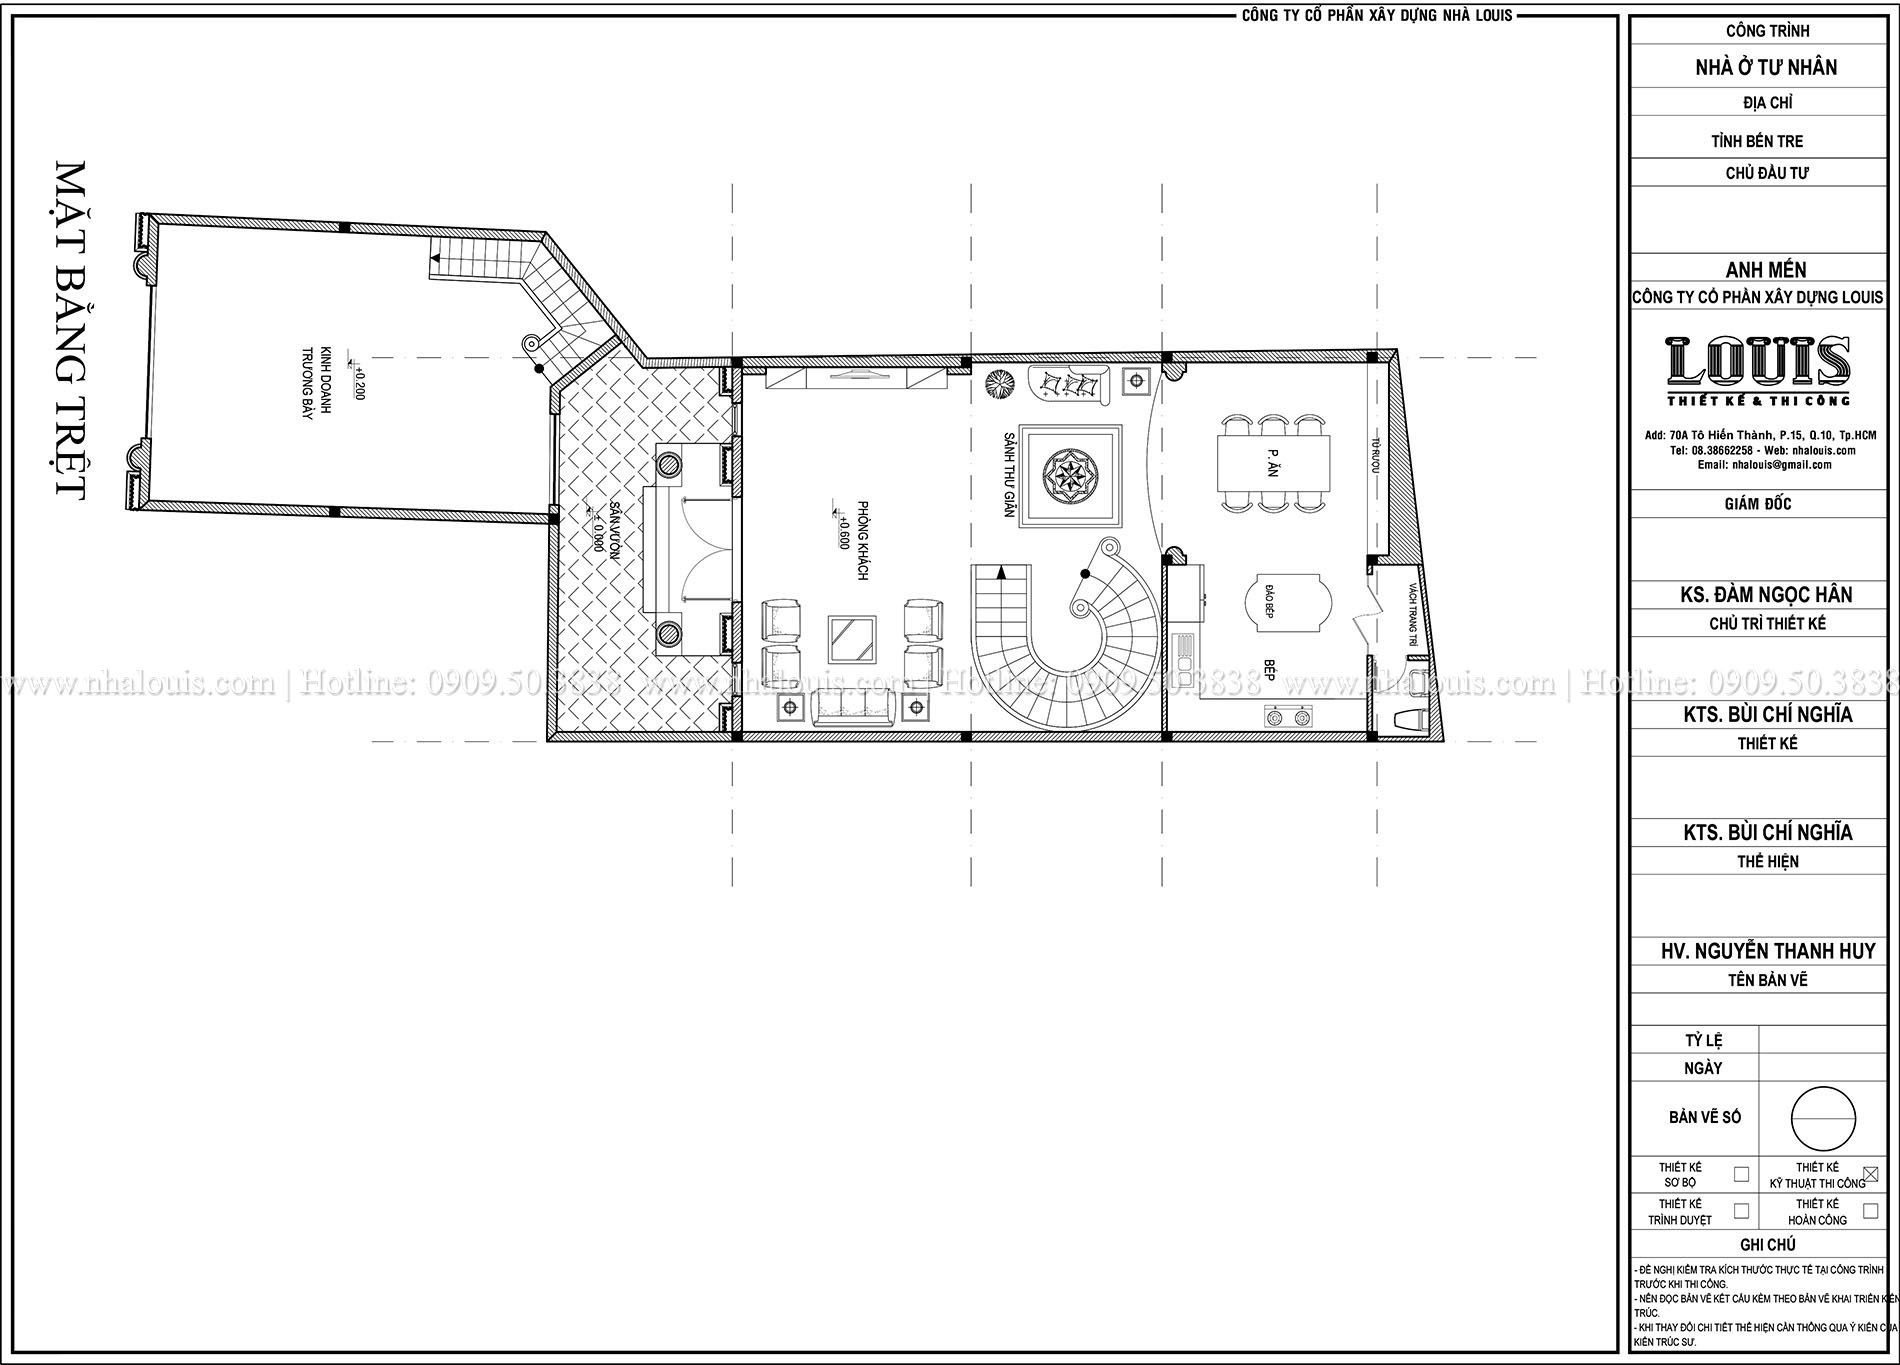 Mặt bằng tầng trệt biệt thự phong cách cổ điển châu Âu - 004 - 1